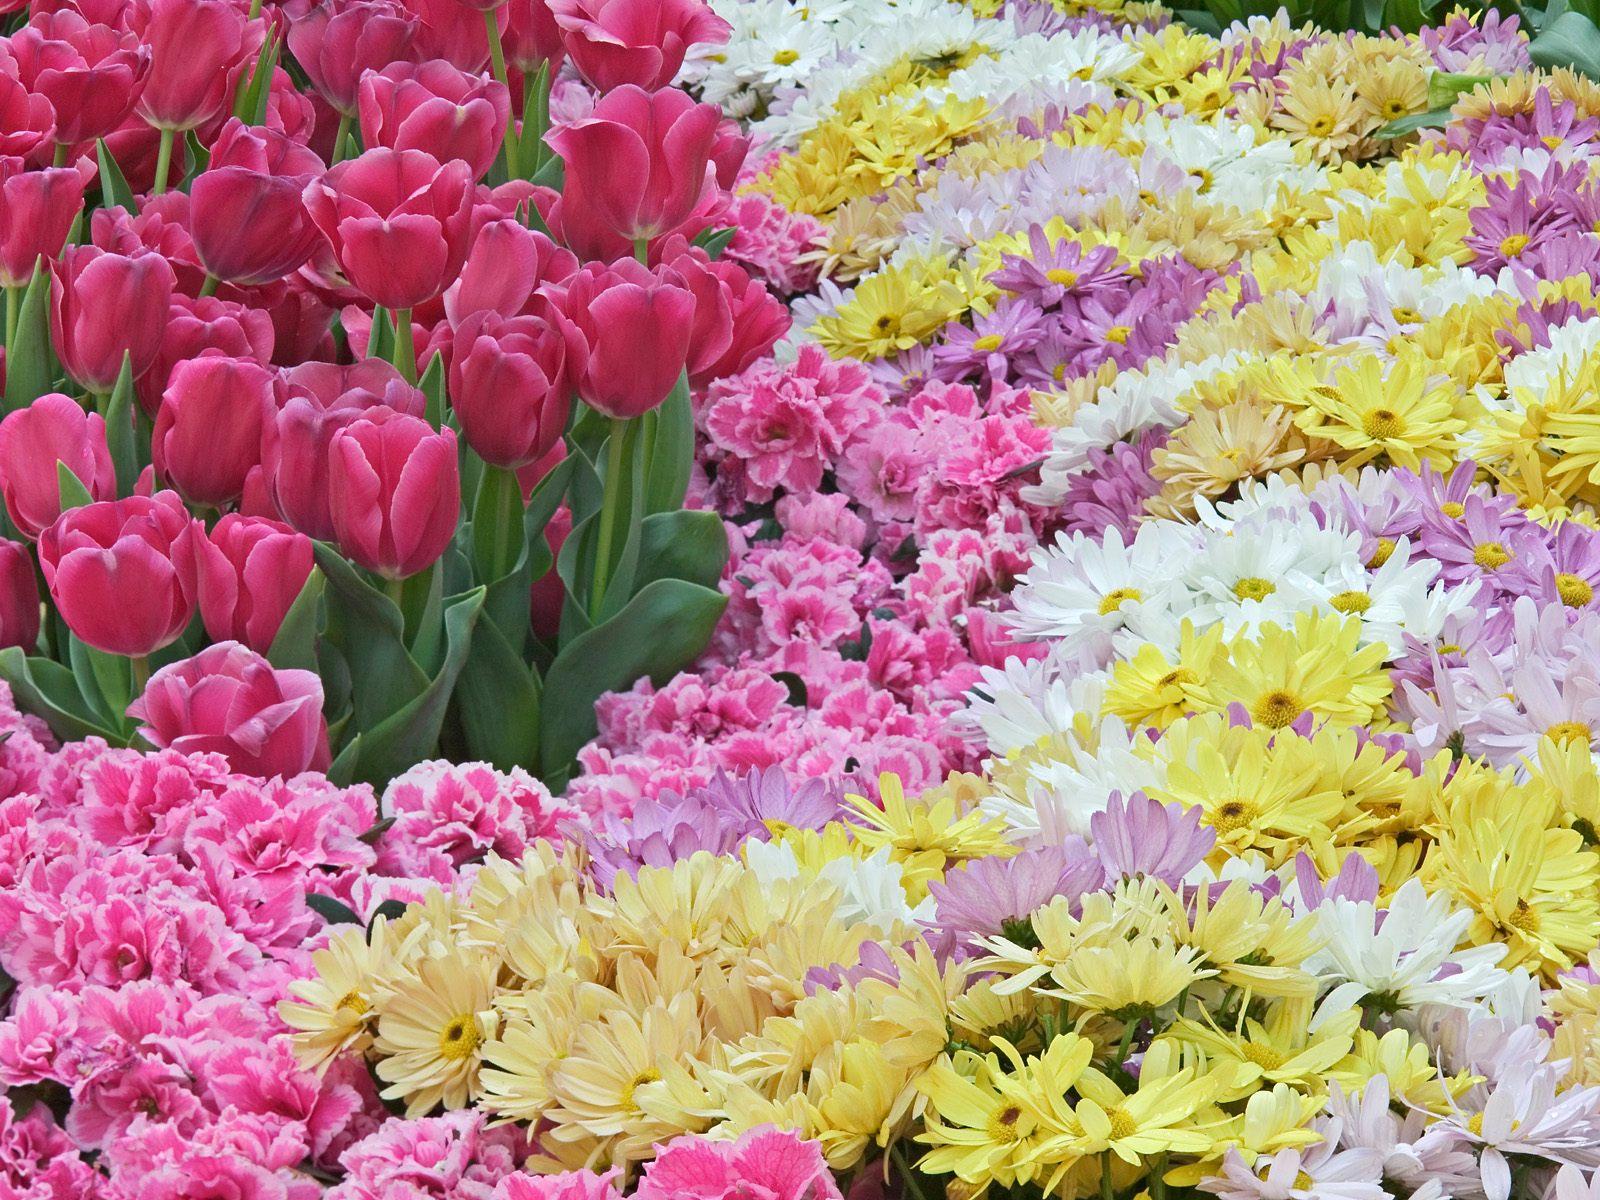 Fotografias de flores preciosas Fotografias y fotos para imprimir